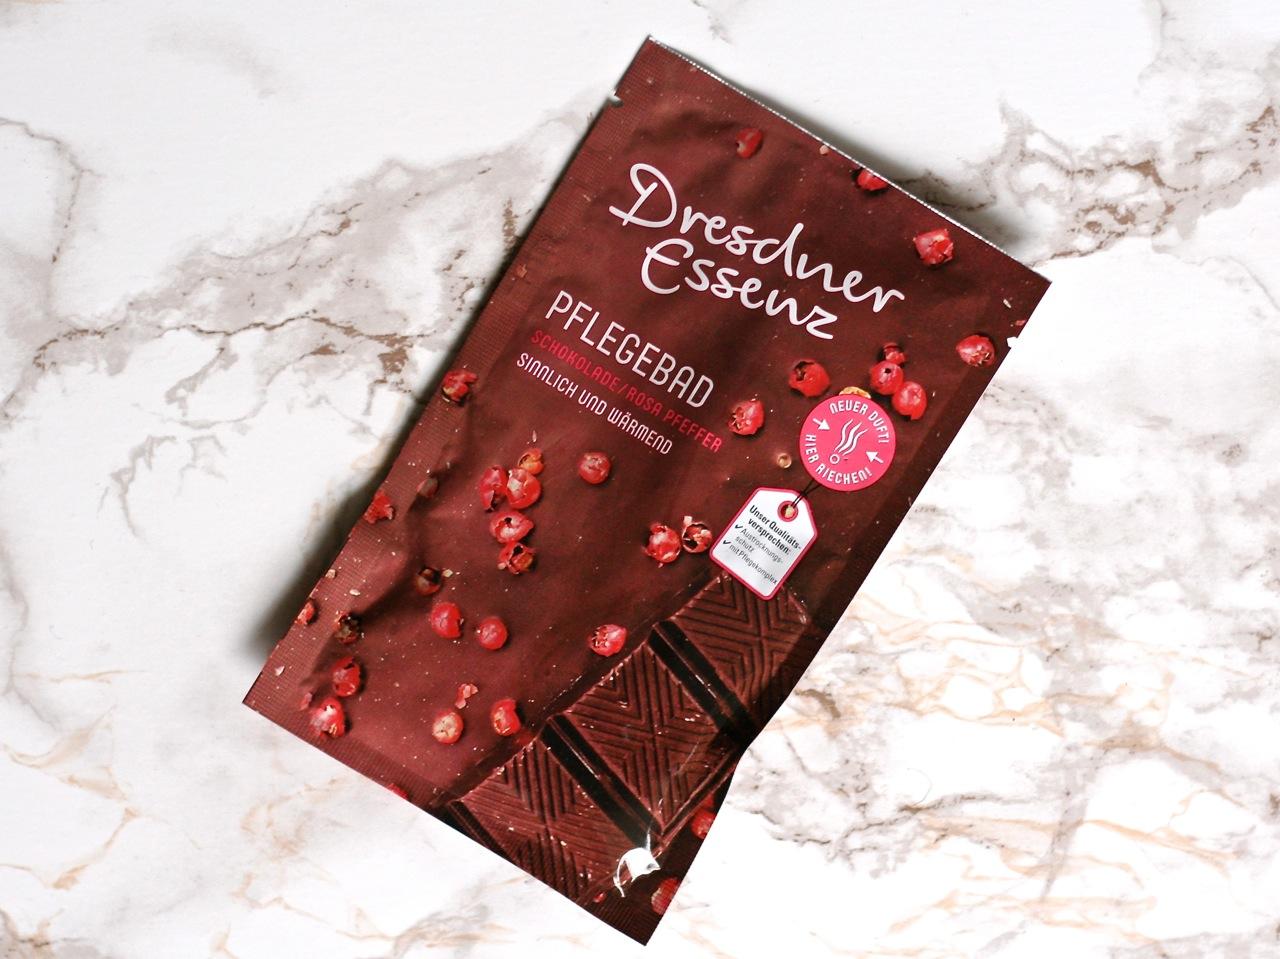 Winterliche Badezusätze Dresdner Essenz Schokolade rosa Pfeffer